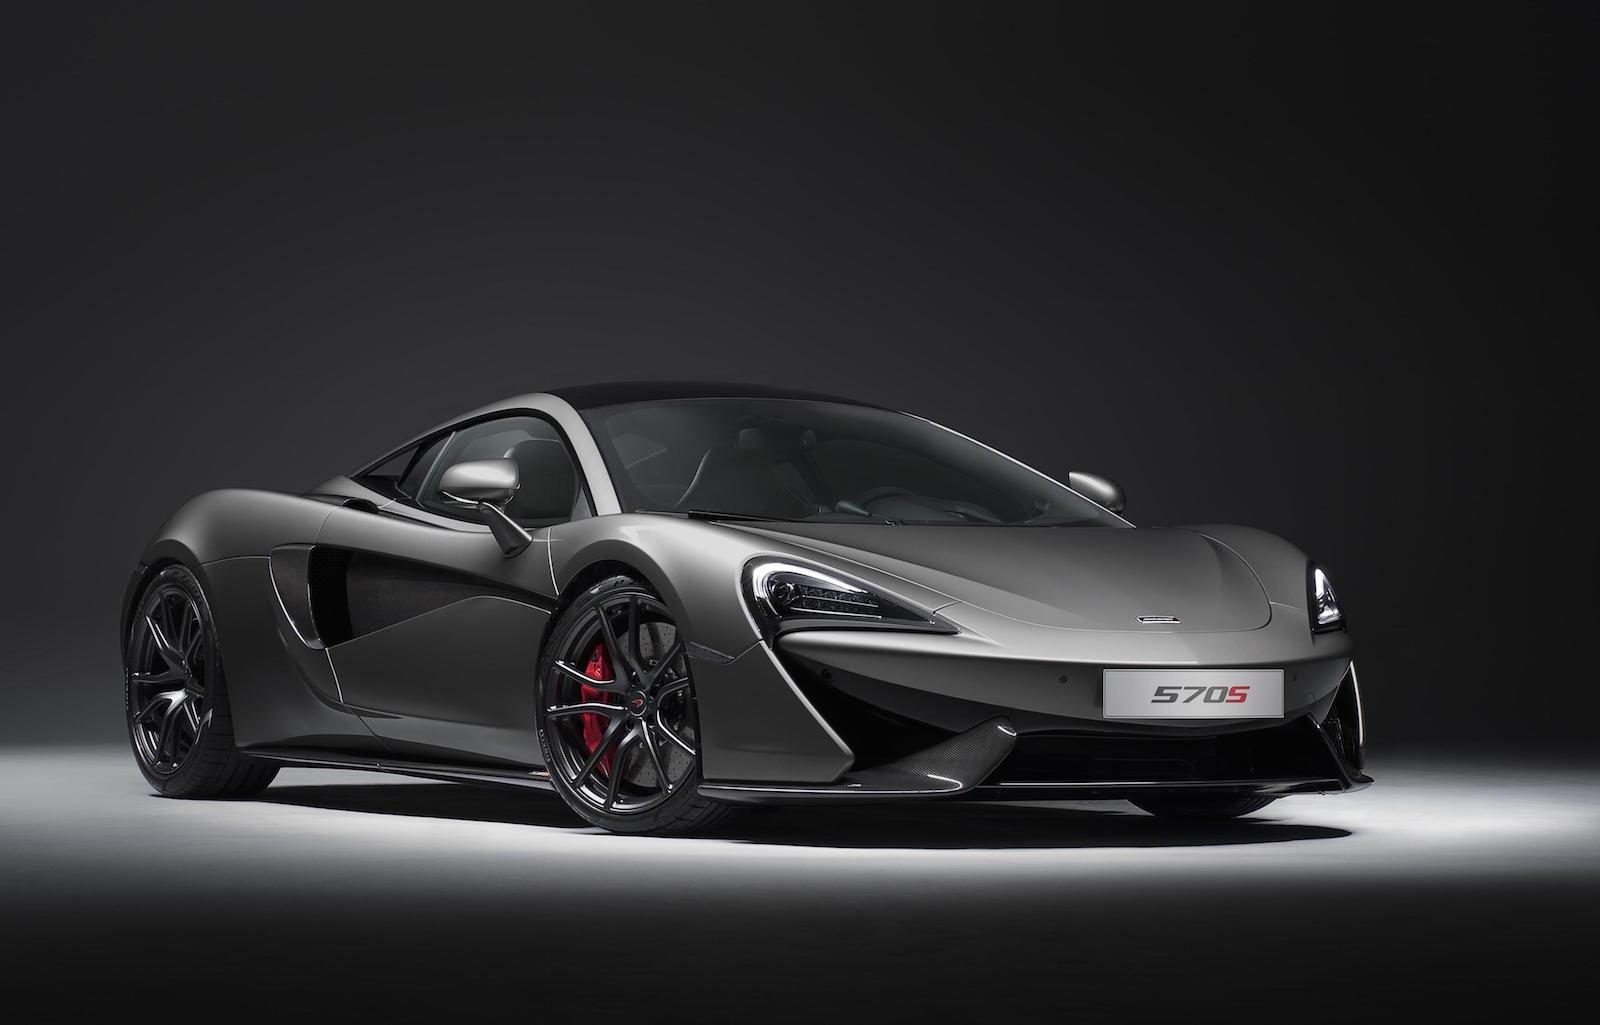 McLaren unveils racing-inspired 570S Track Pack